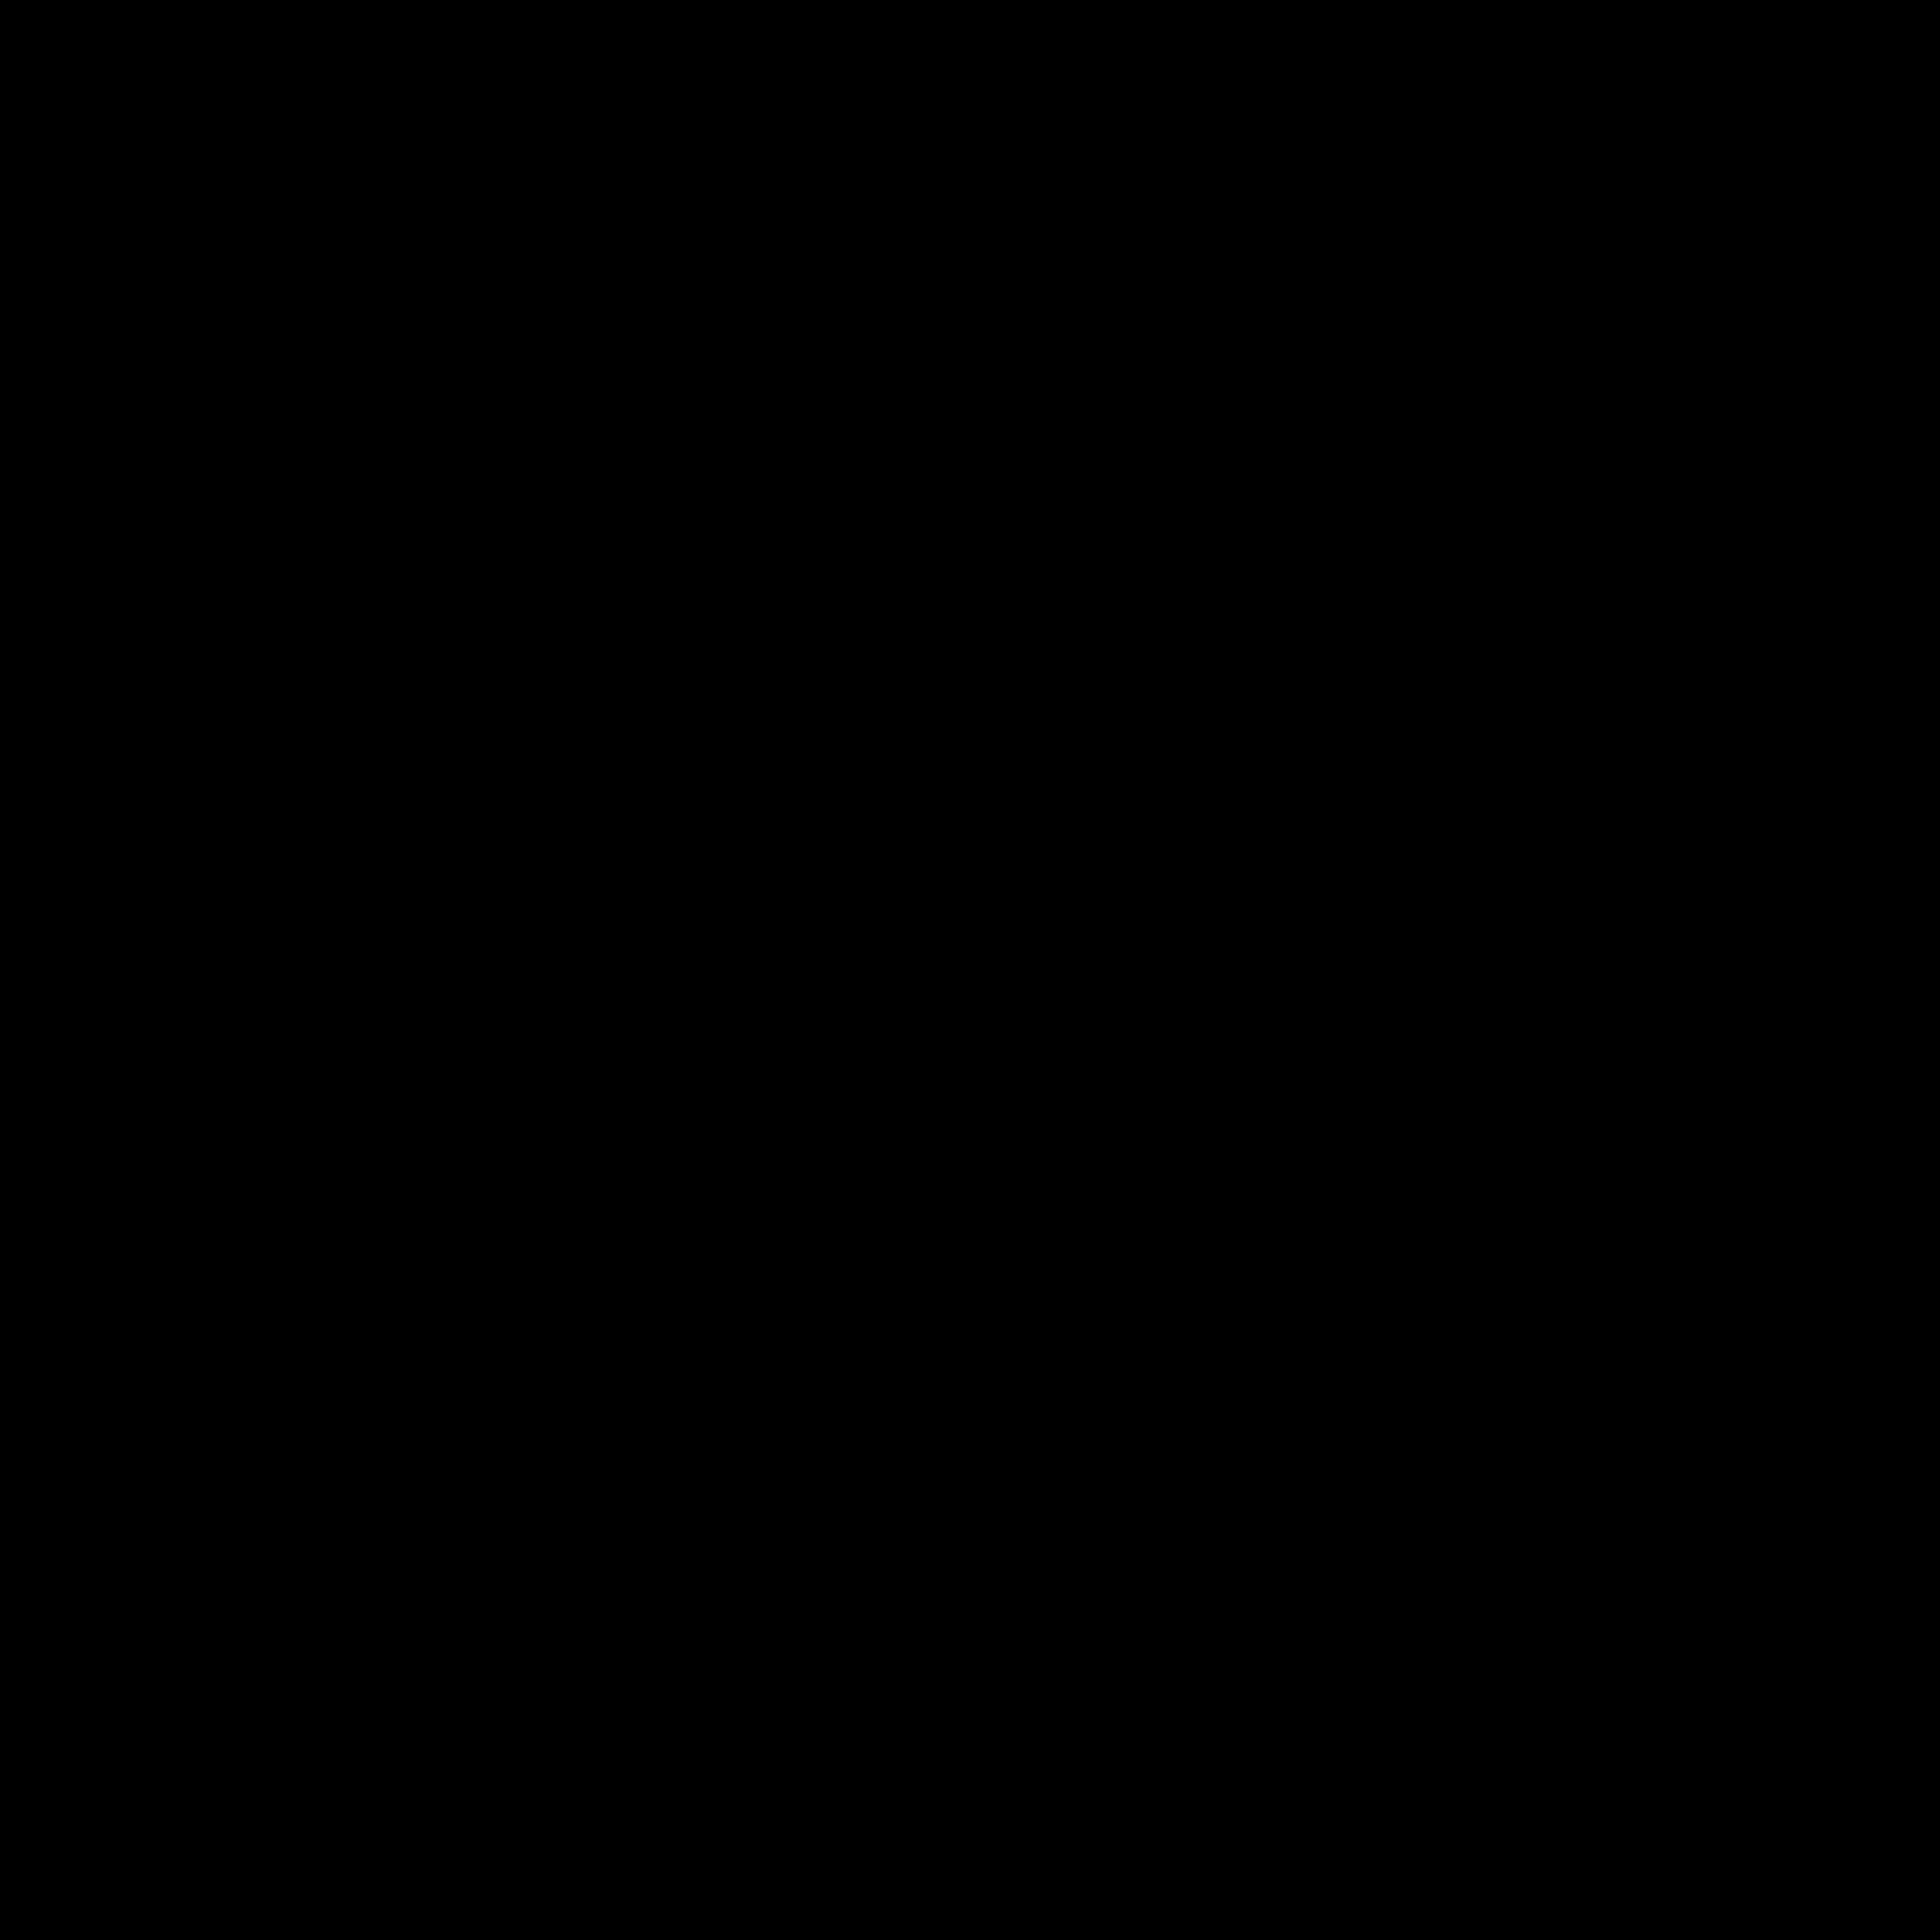 vogue logo 0 - VOGUE Logo